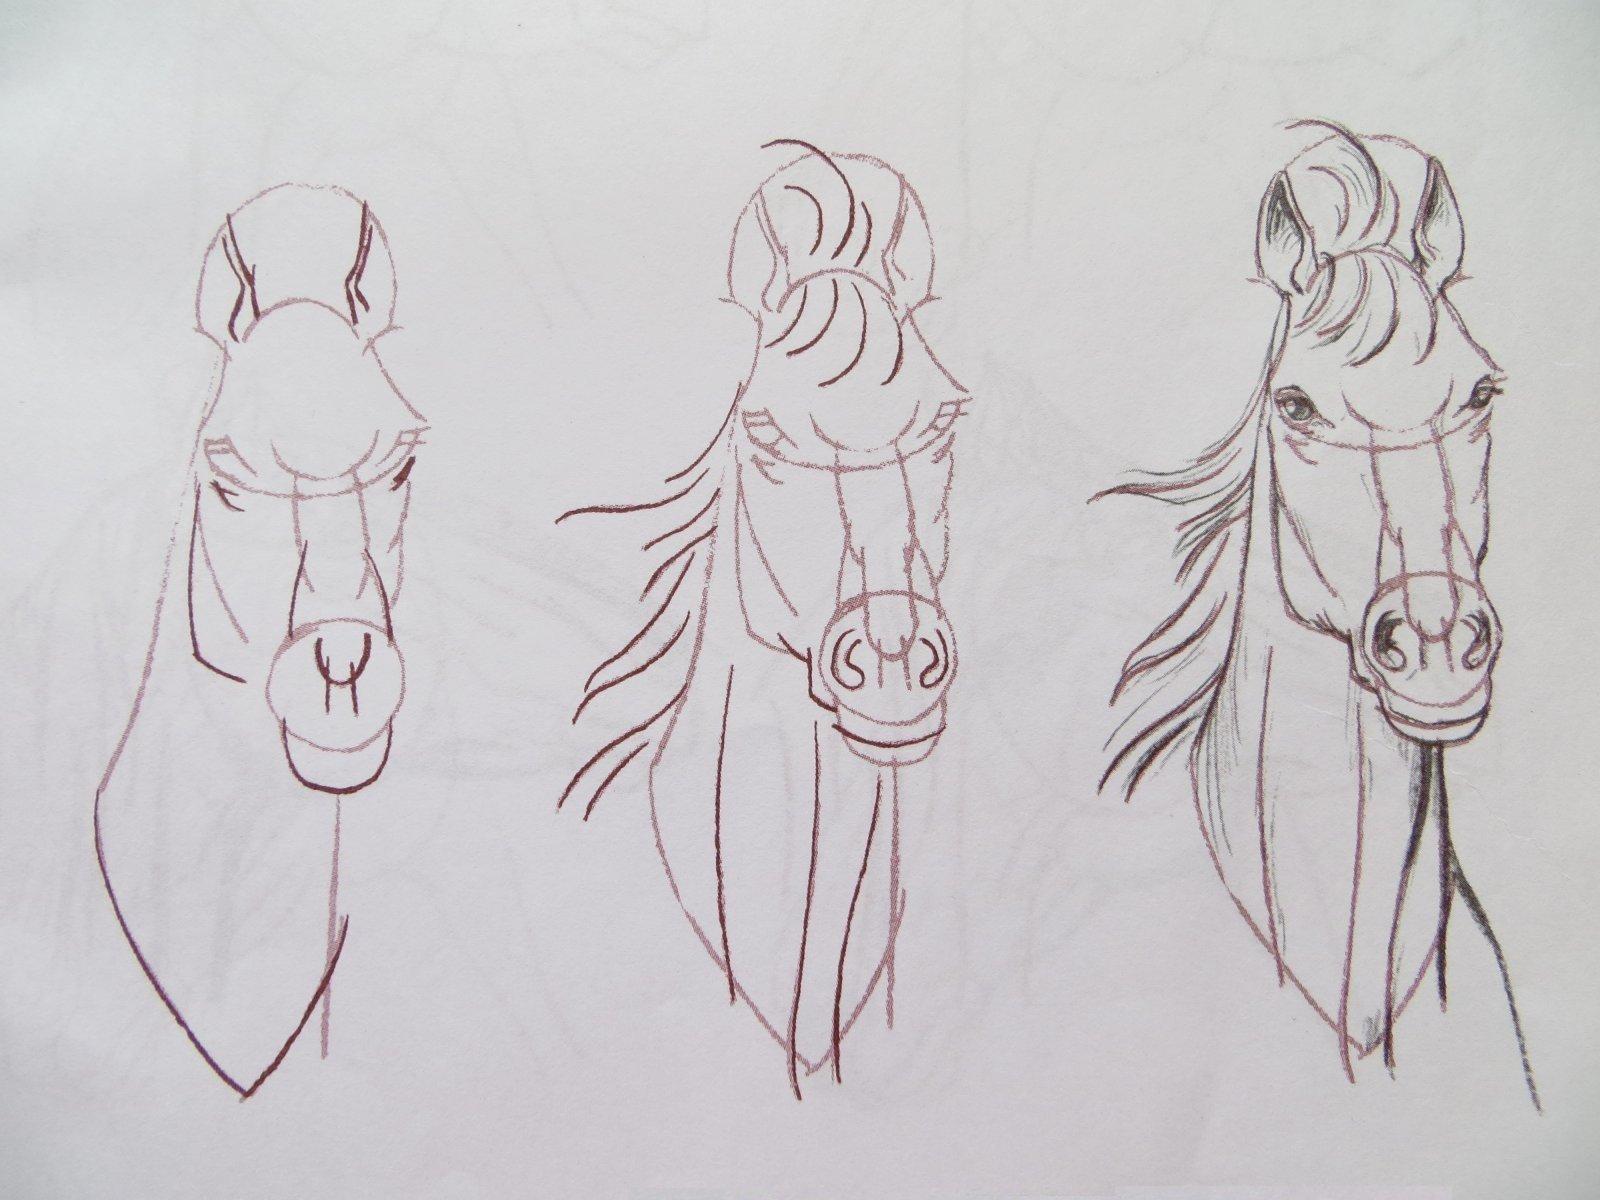 Рисунки для срисовки легкие и красивые картинки для начинающих поэтапно, пожелания любимому мужчине